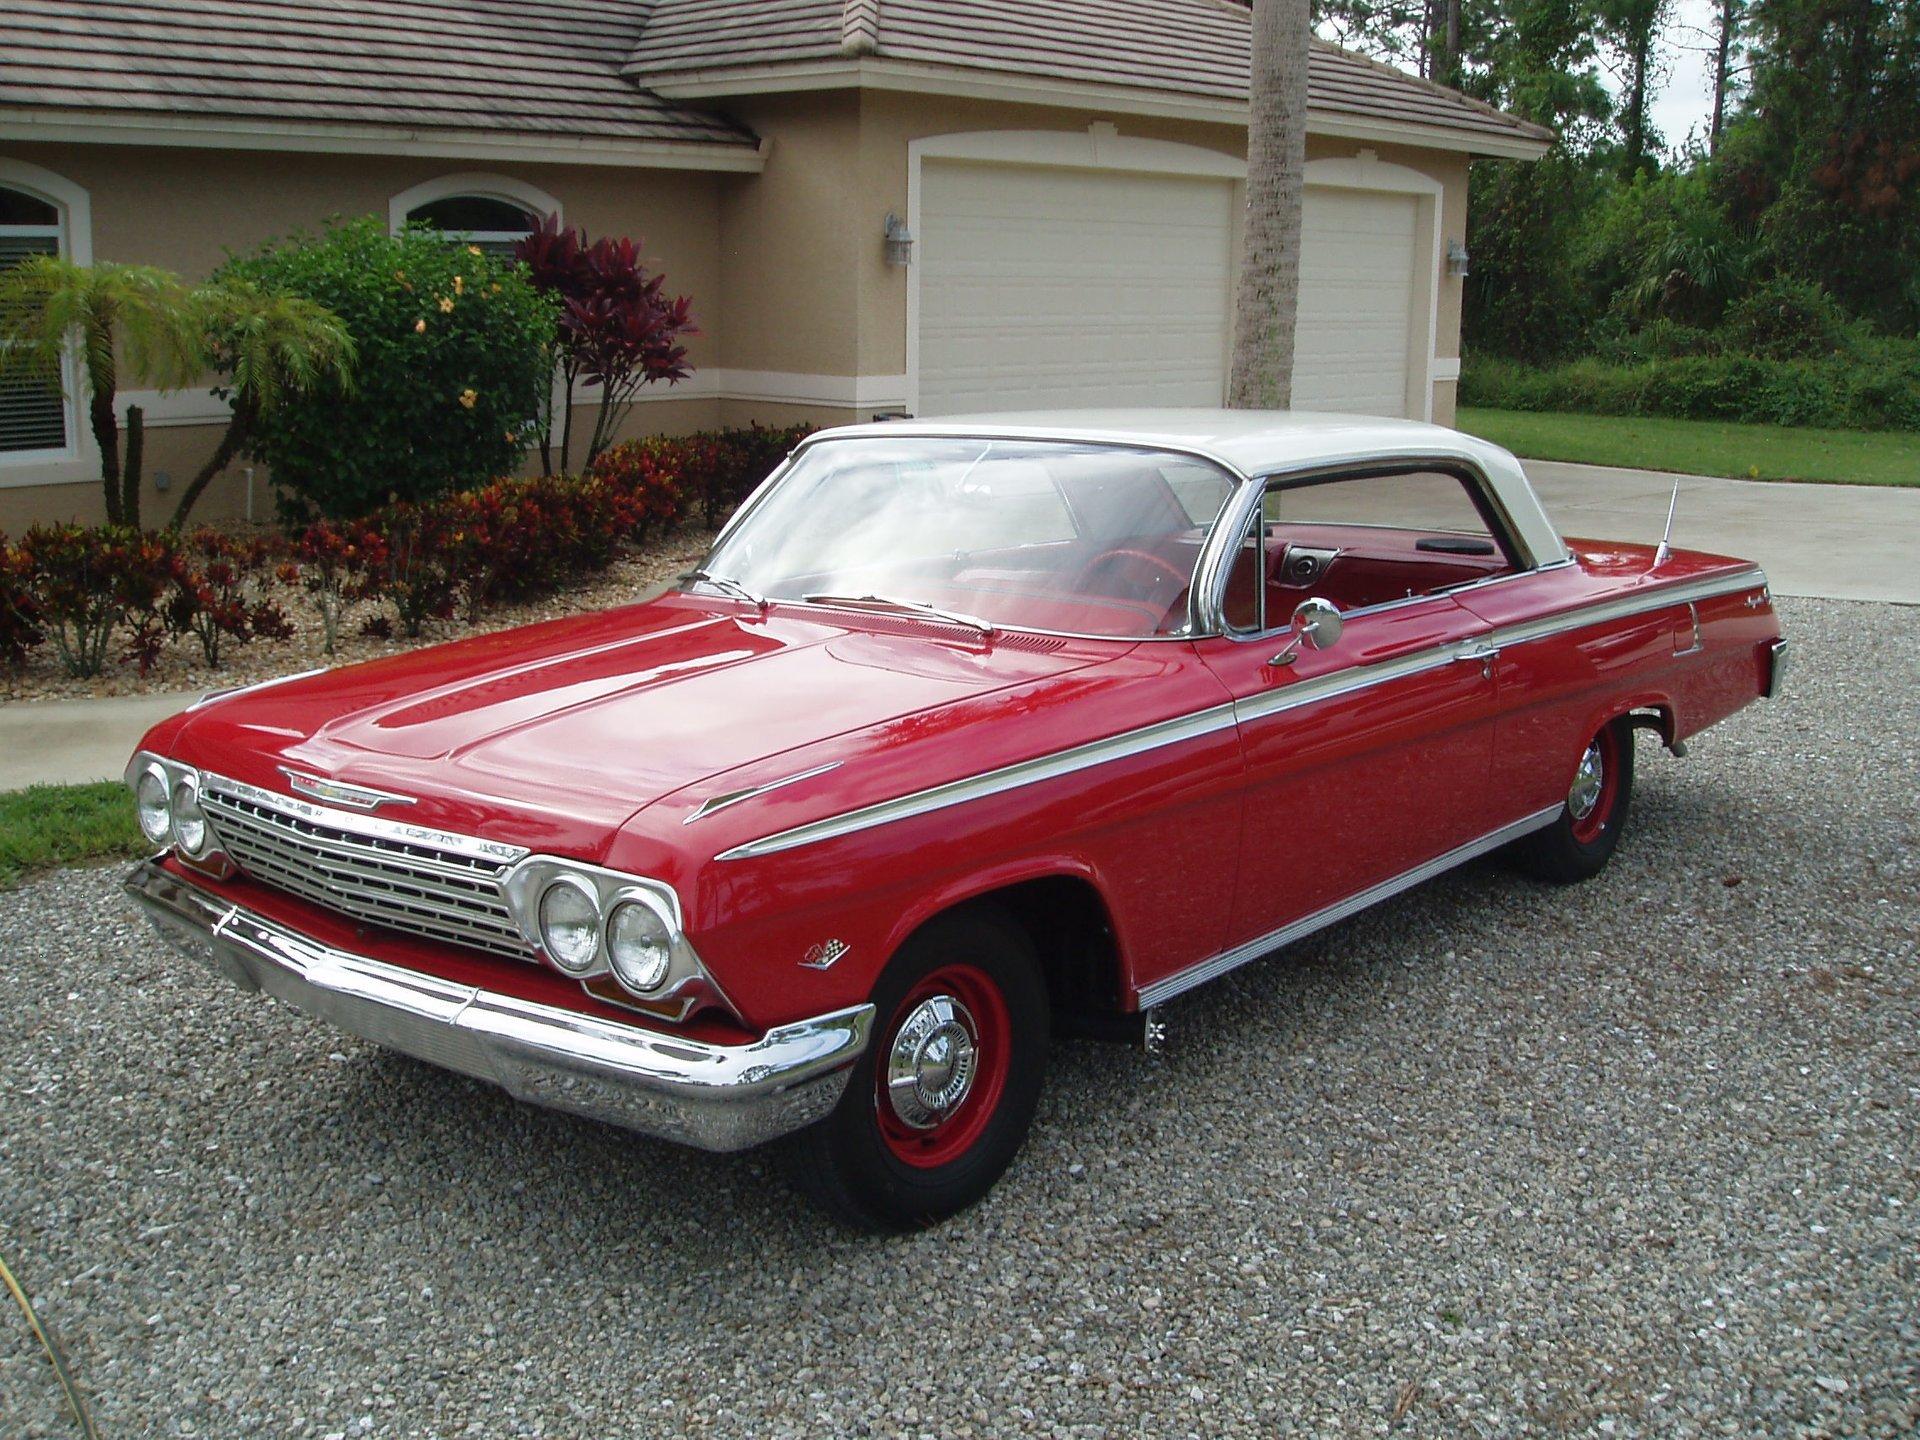 1962 chevrolet impala hardtop